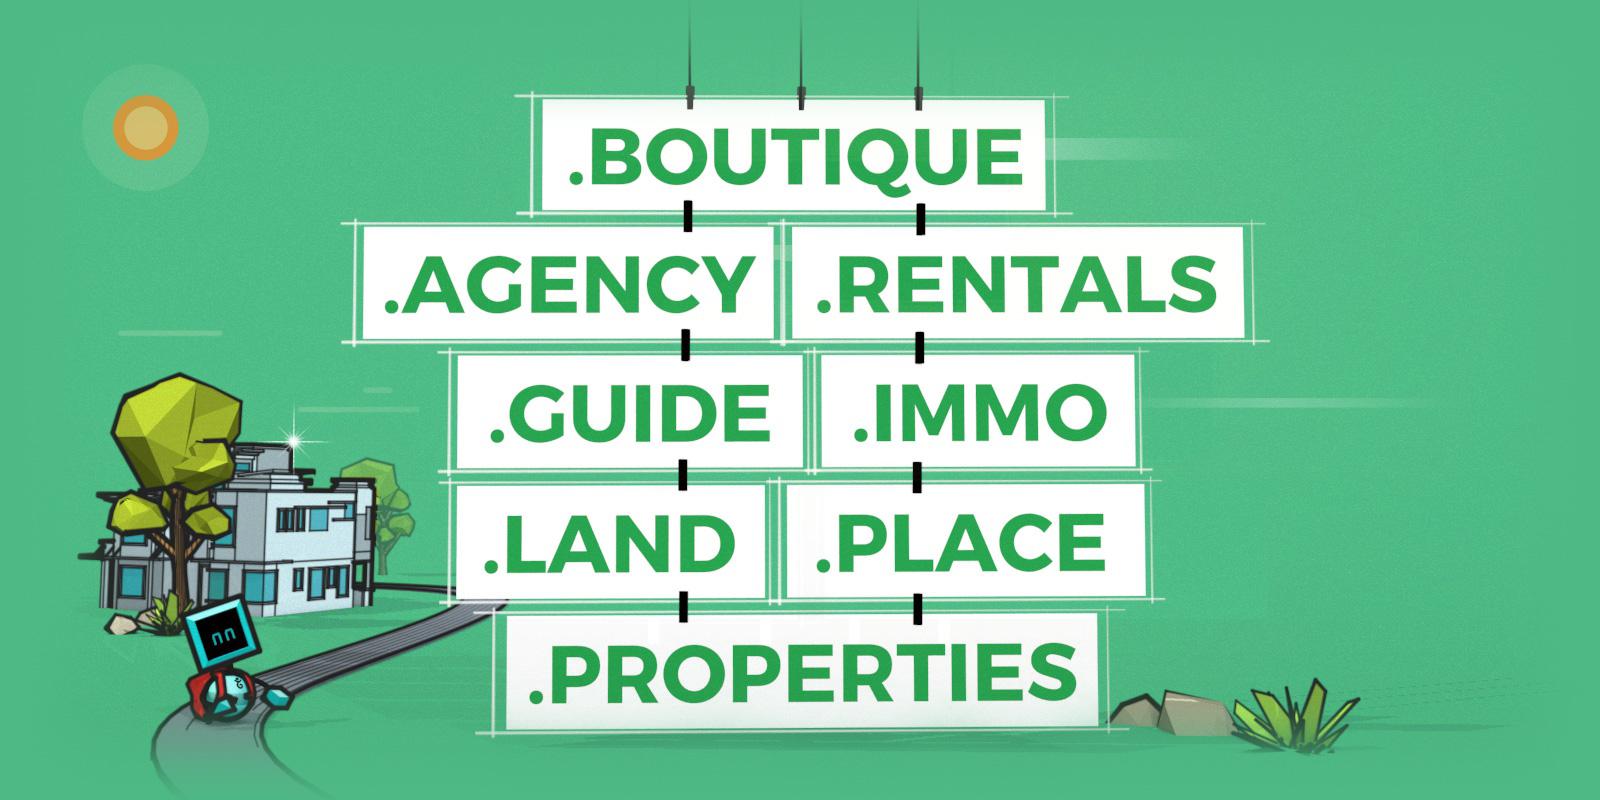 和房屋、不动产相关的域名注册优惠